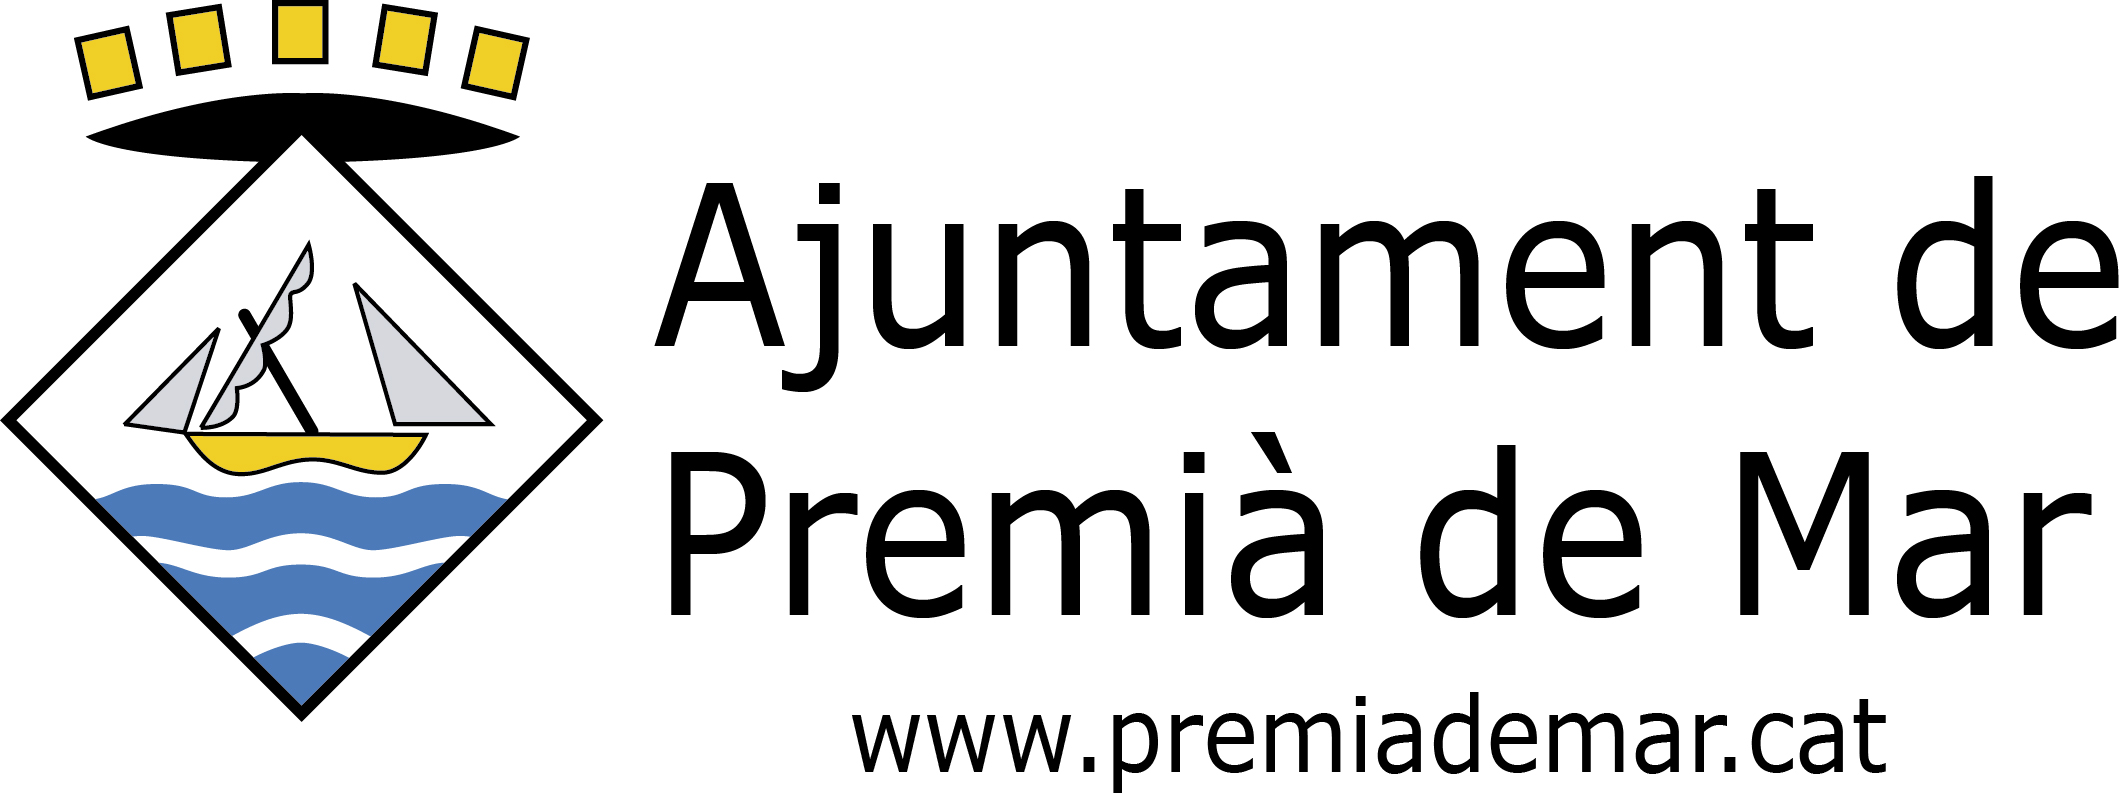 Ajuntament Premià de Mar